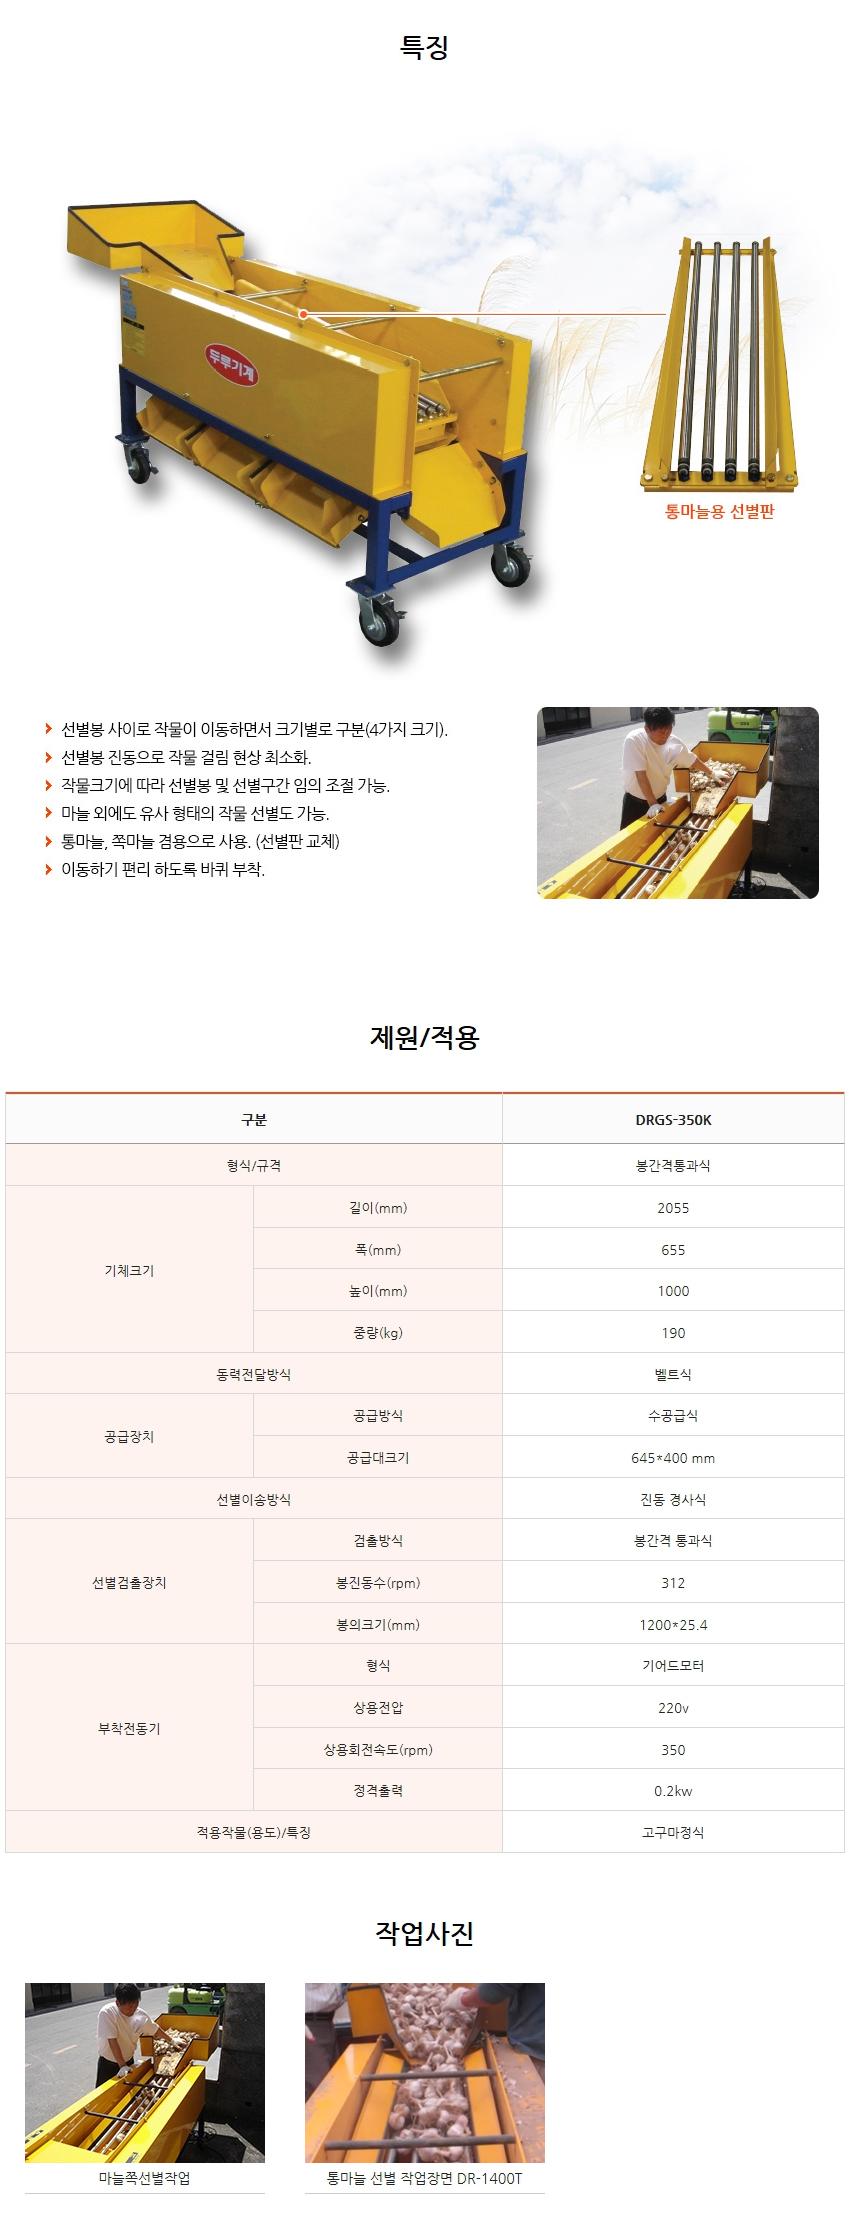 두루기계 농산물선별기 (마늘) (봉간격통과식) DRGS-350K